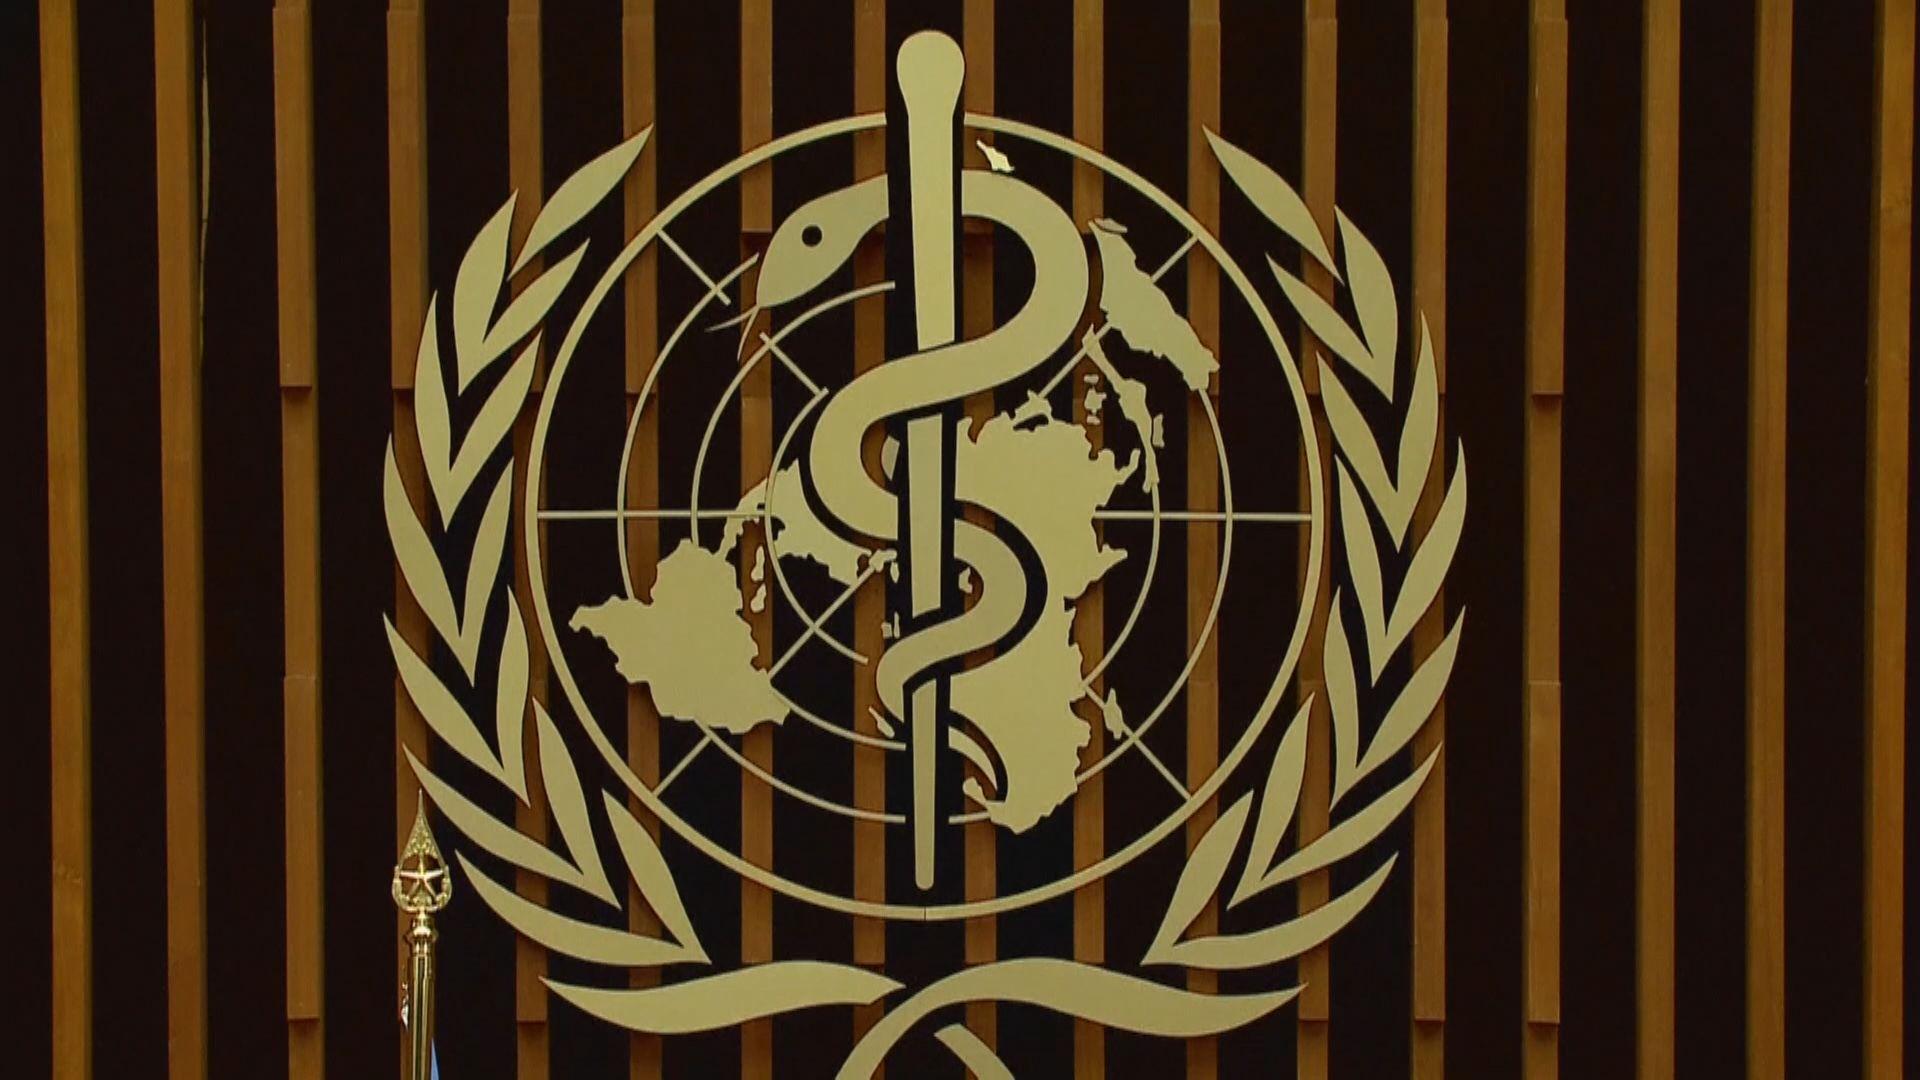 世衛罕有批評中國未批簽證予專家組調查新冠病毒源頭